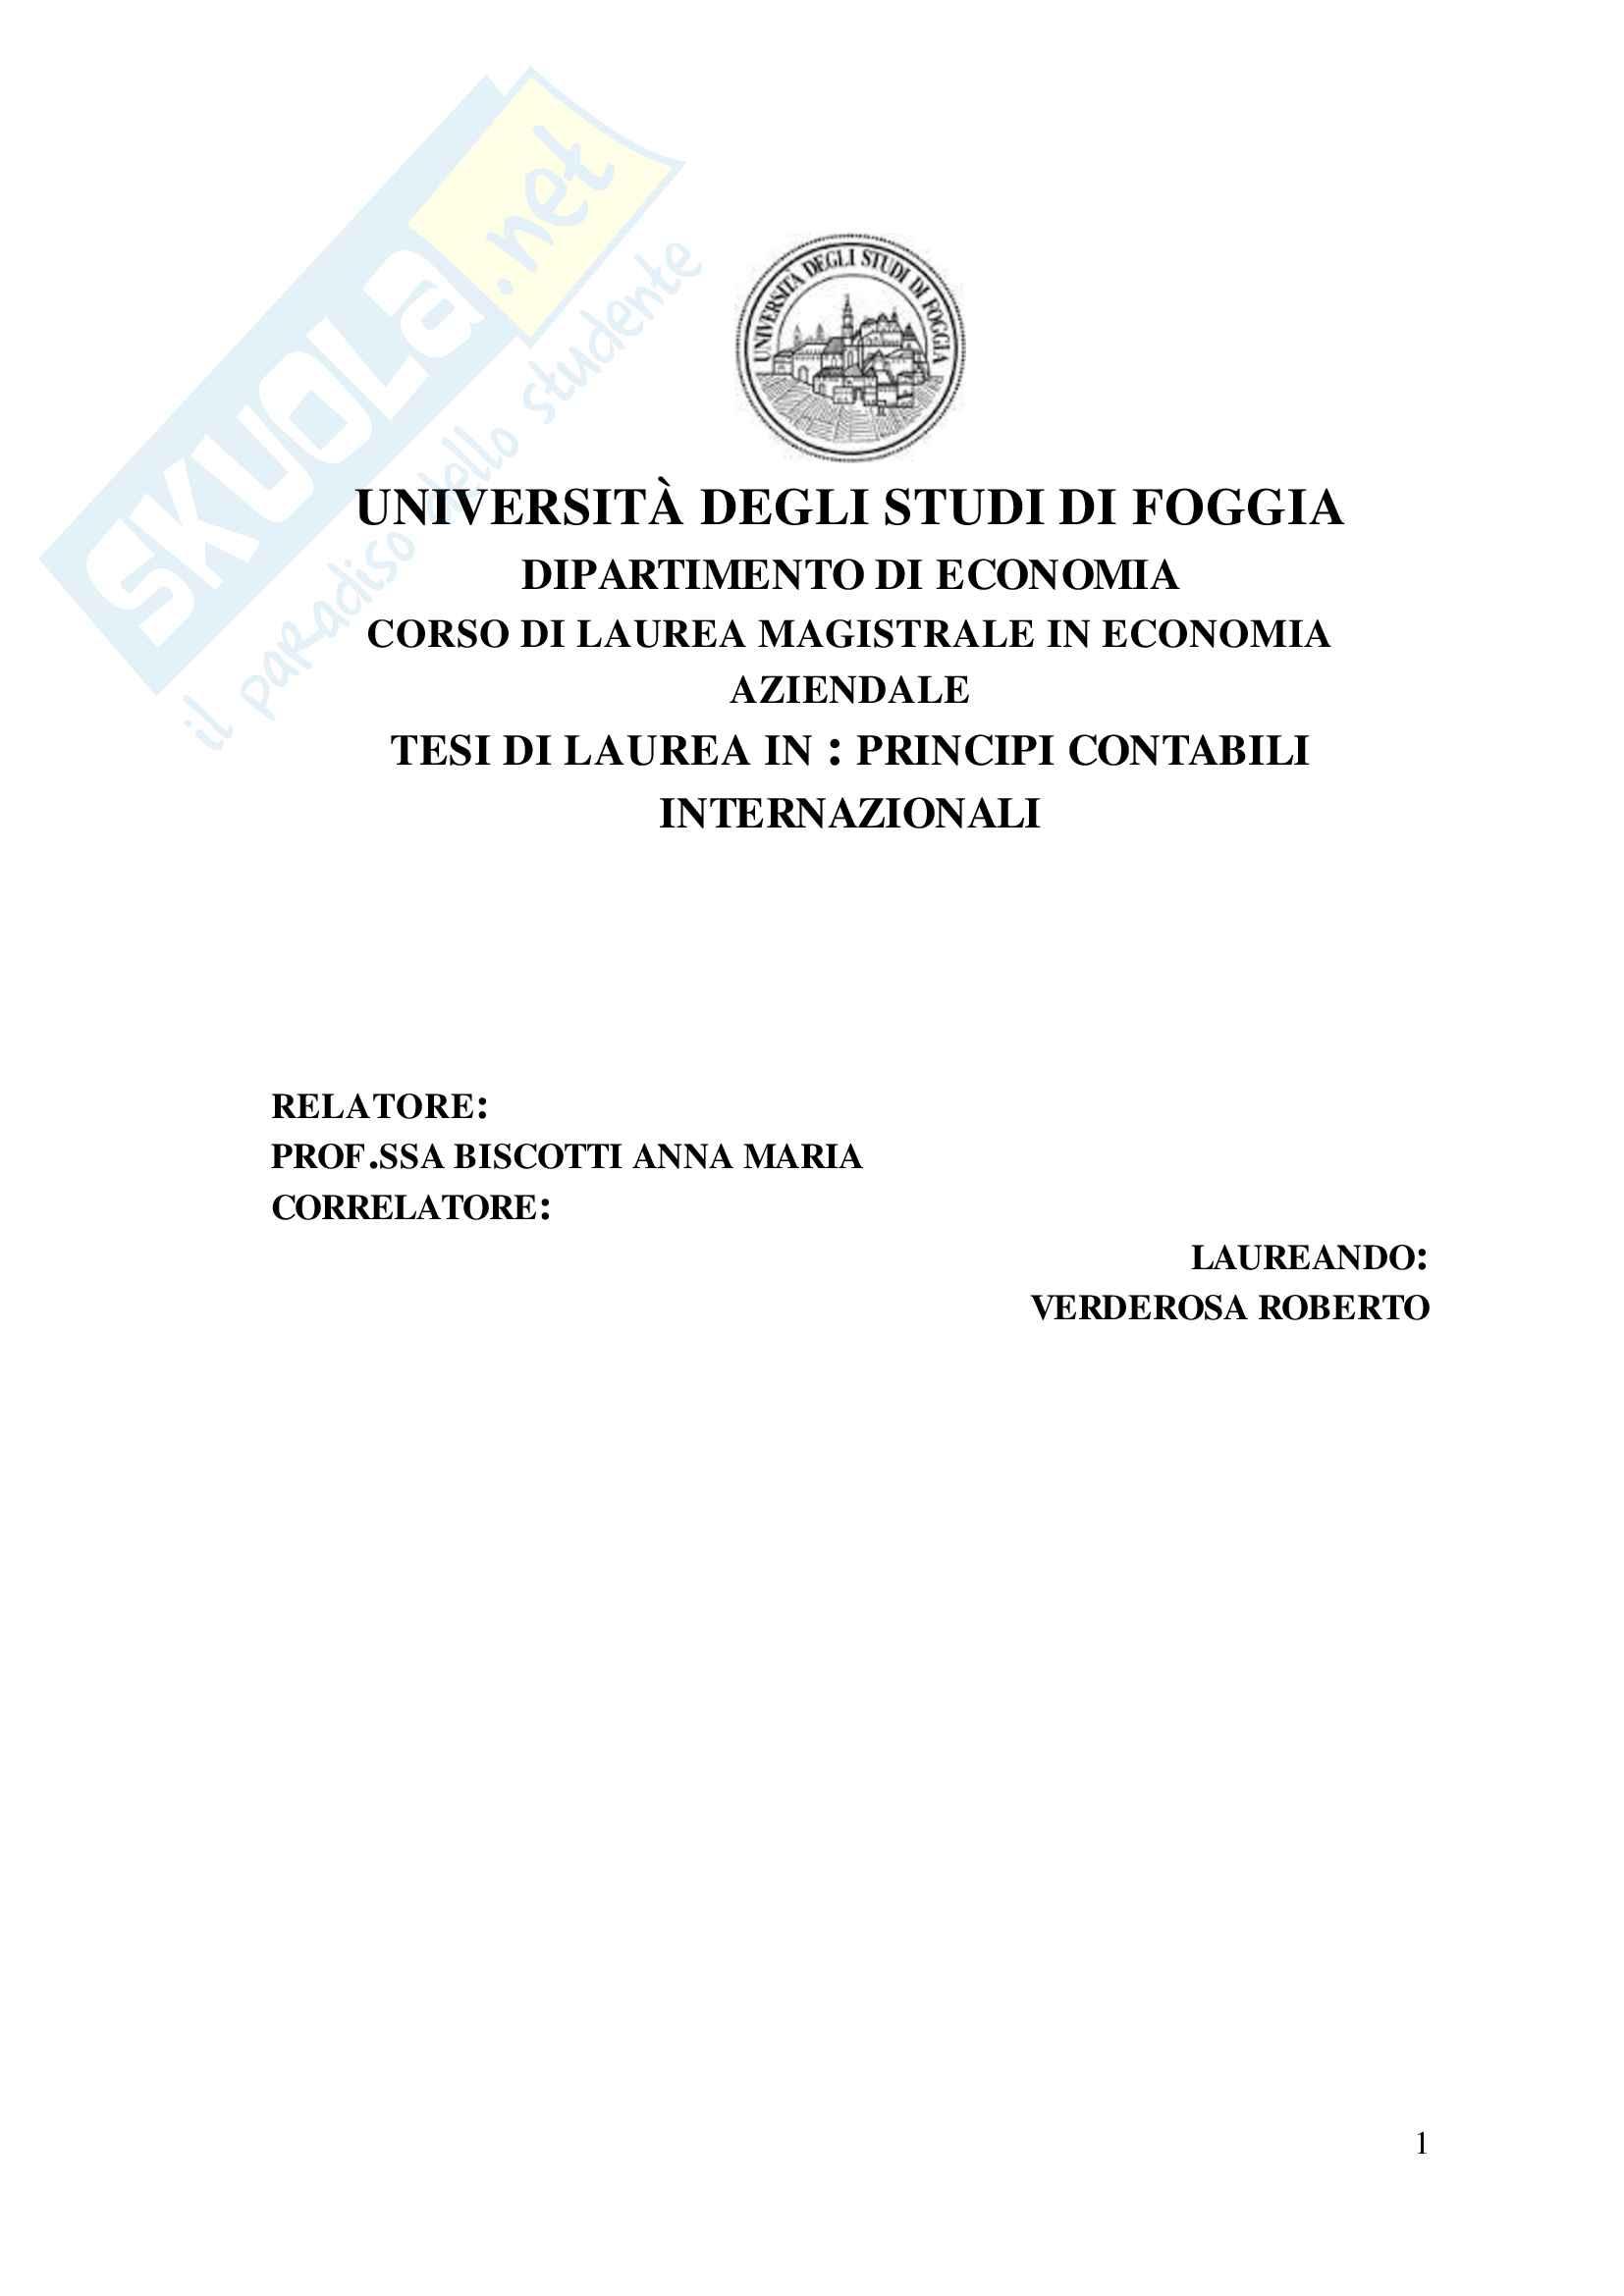 tesi A. Biscotti Principi contabili internazionali